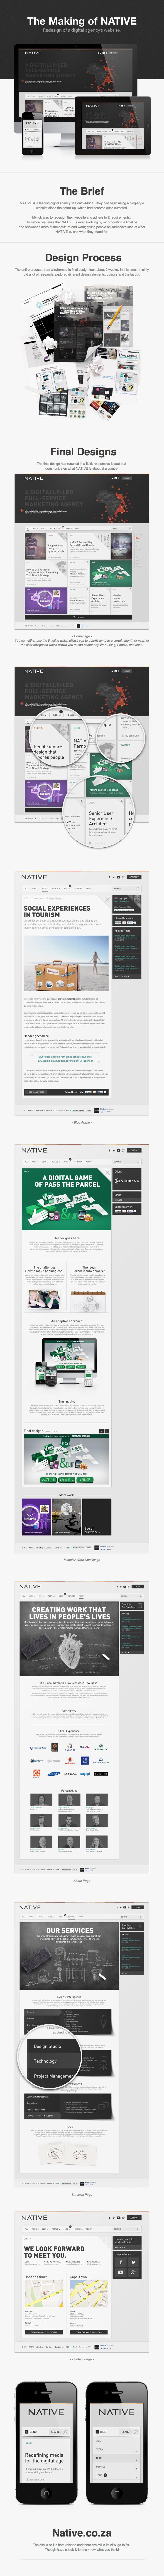 Redesign of a digital agency's website by Nelleke van der Maas, via Behance